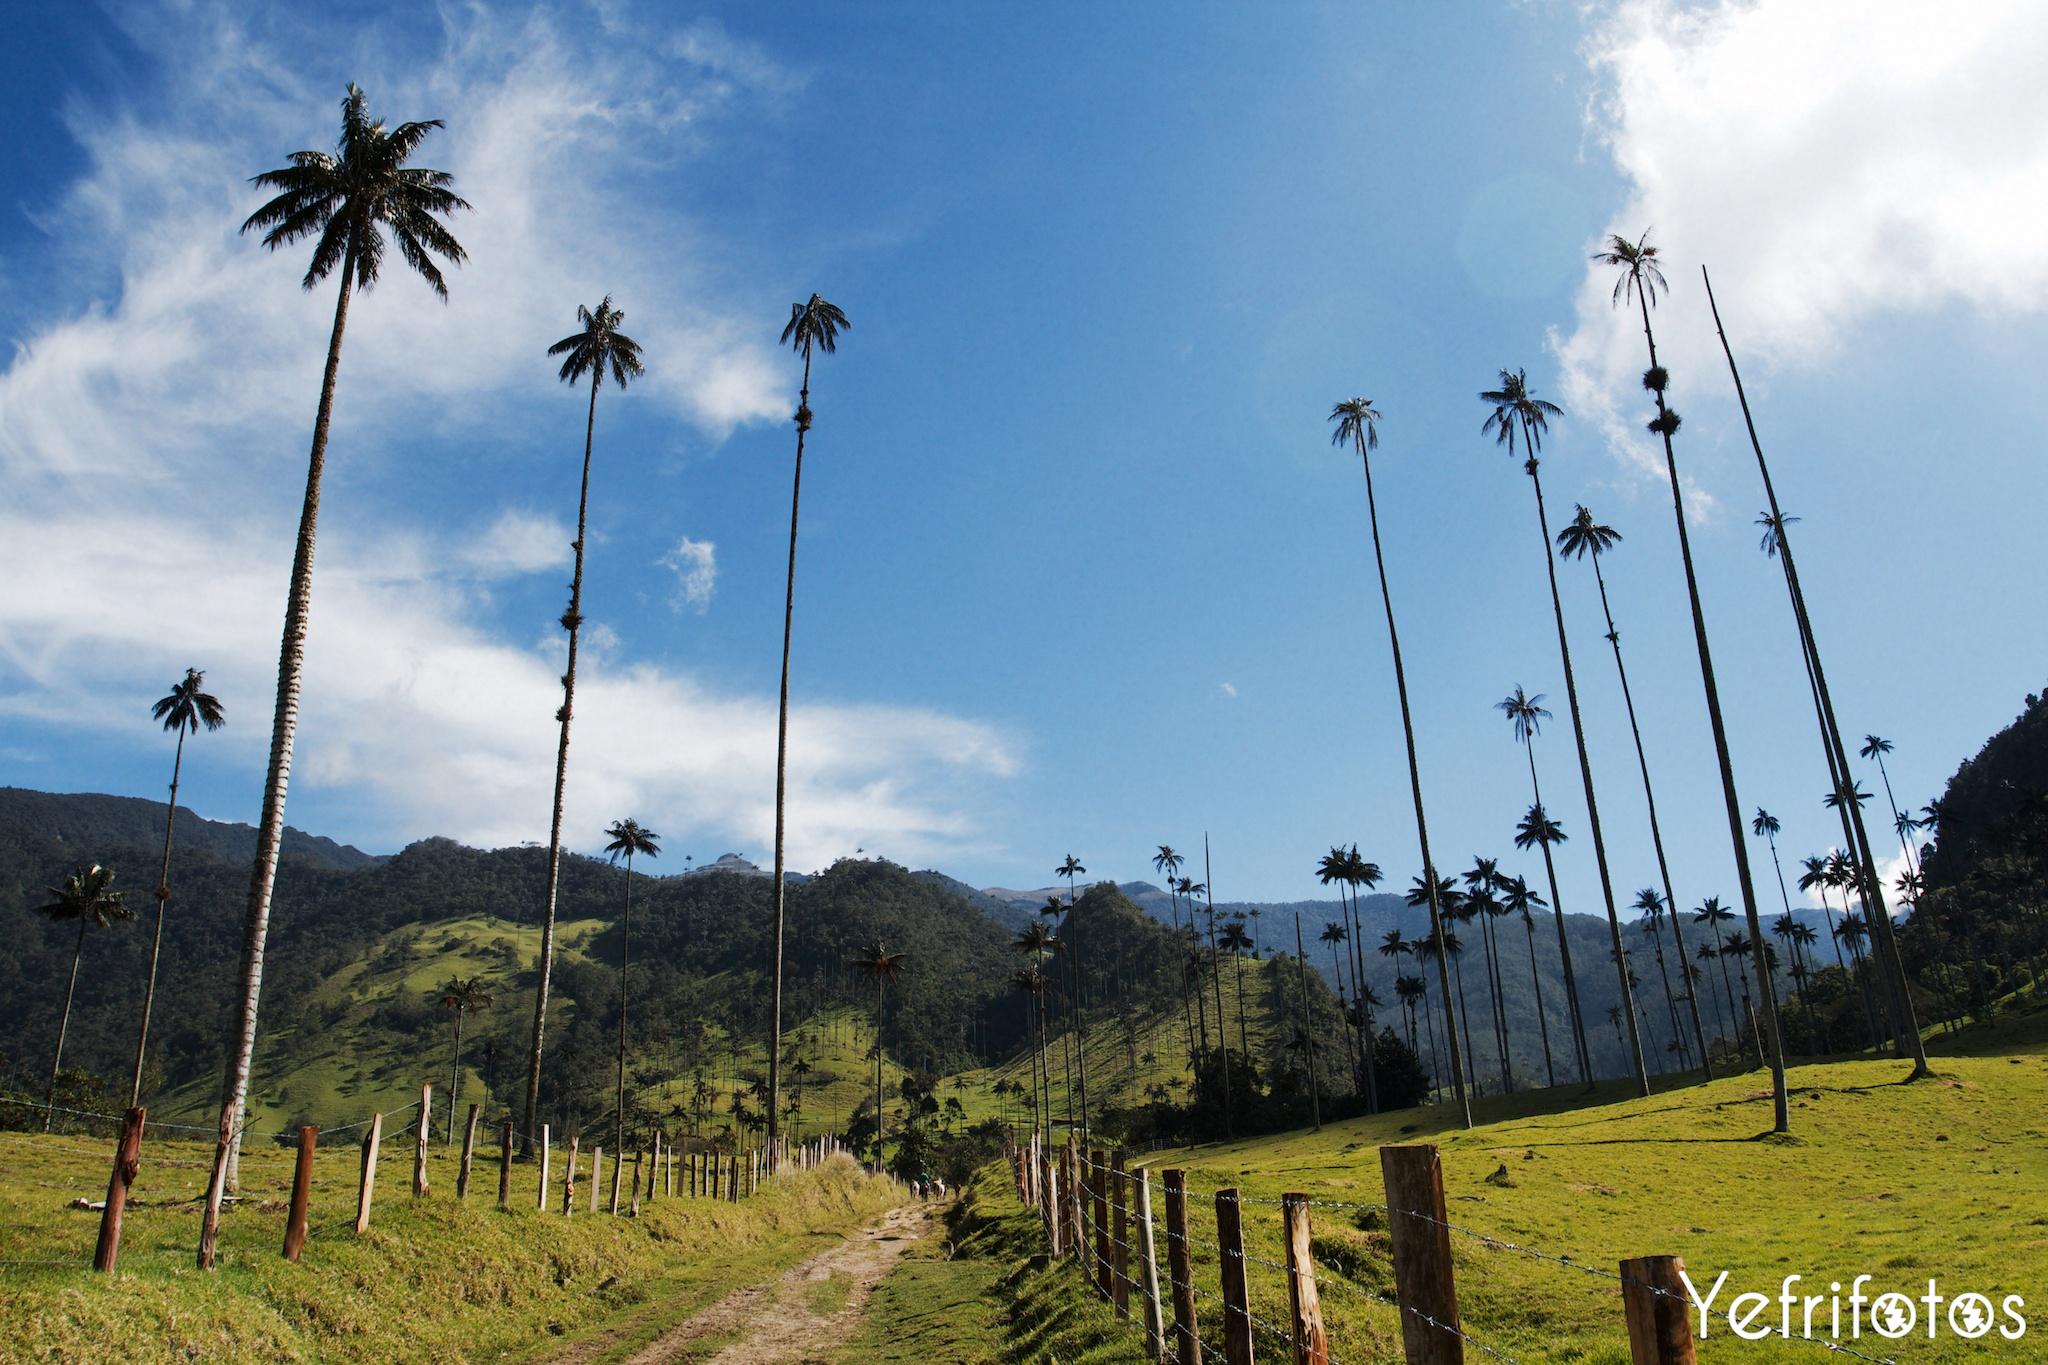 Colombie - Valle del Cocora - Palmiers de Cire